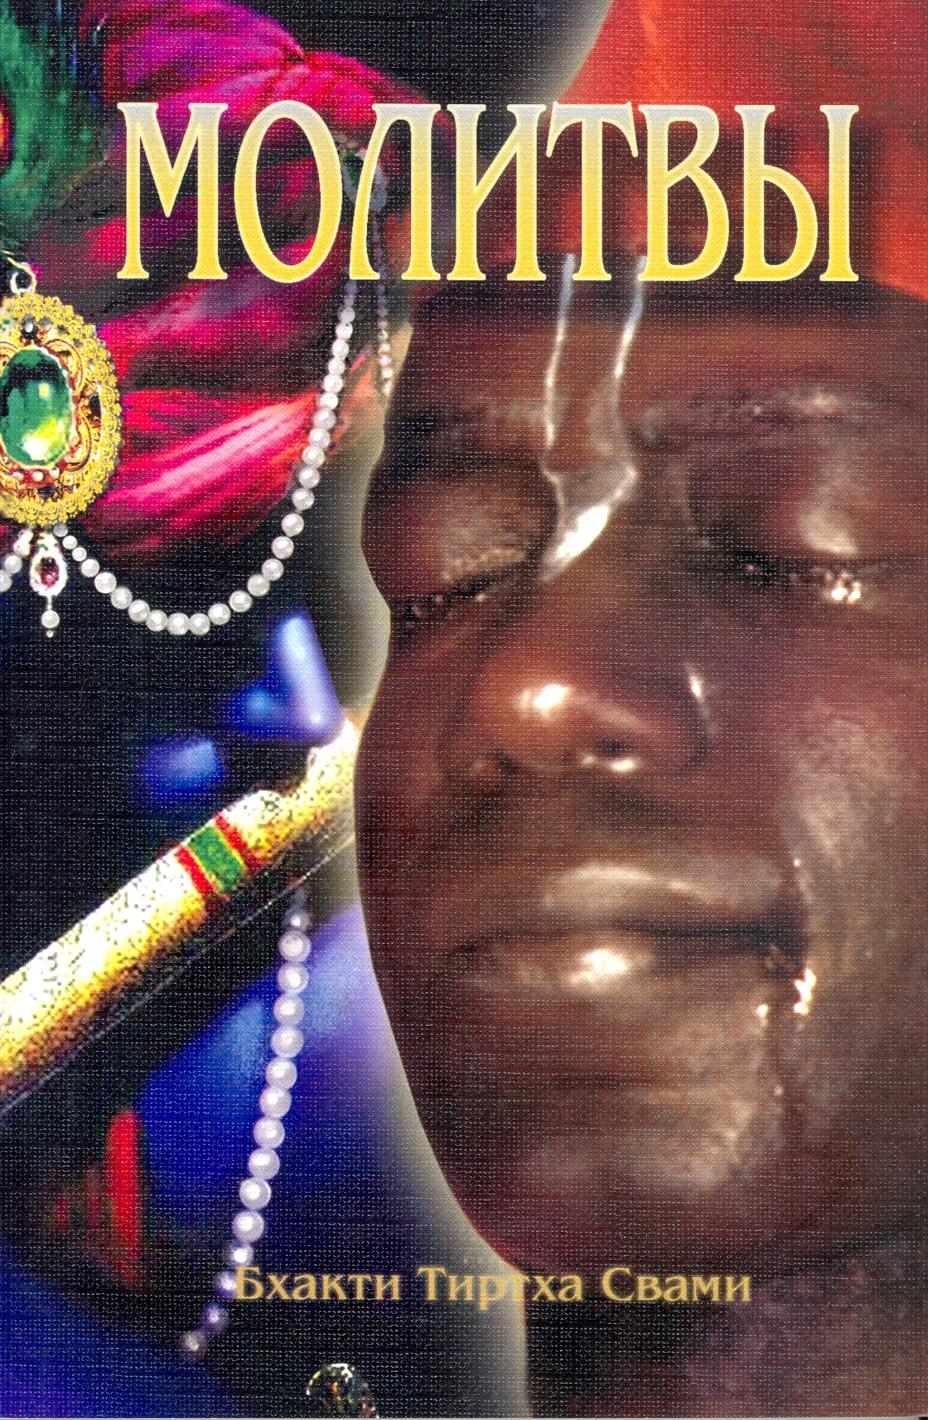 Молитвы: Семинар, проведенный в Дивноморске в 2001 году (2-е изд.)